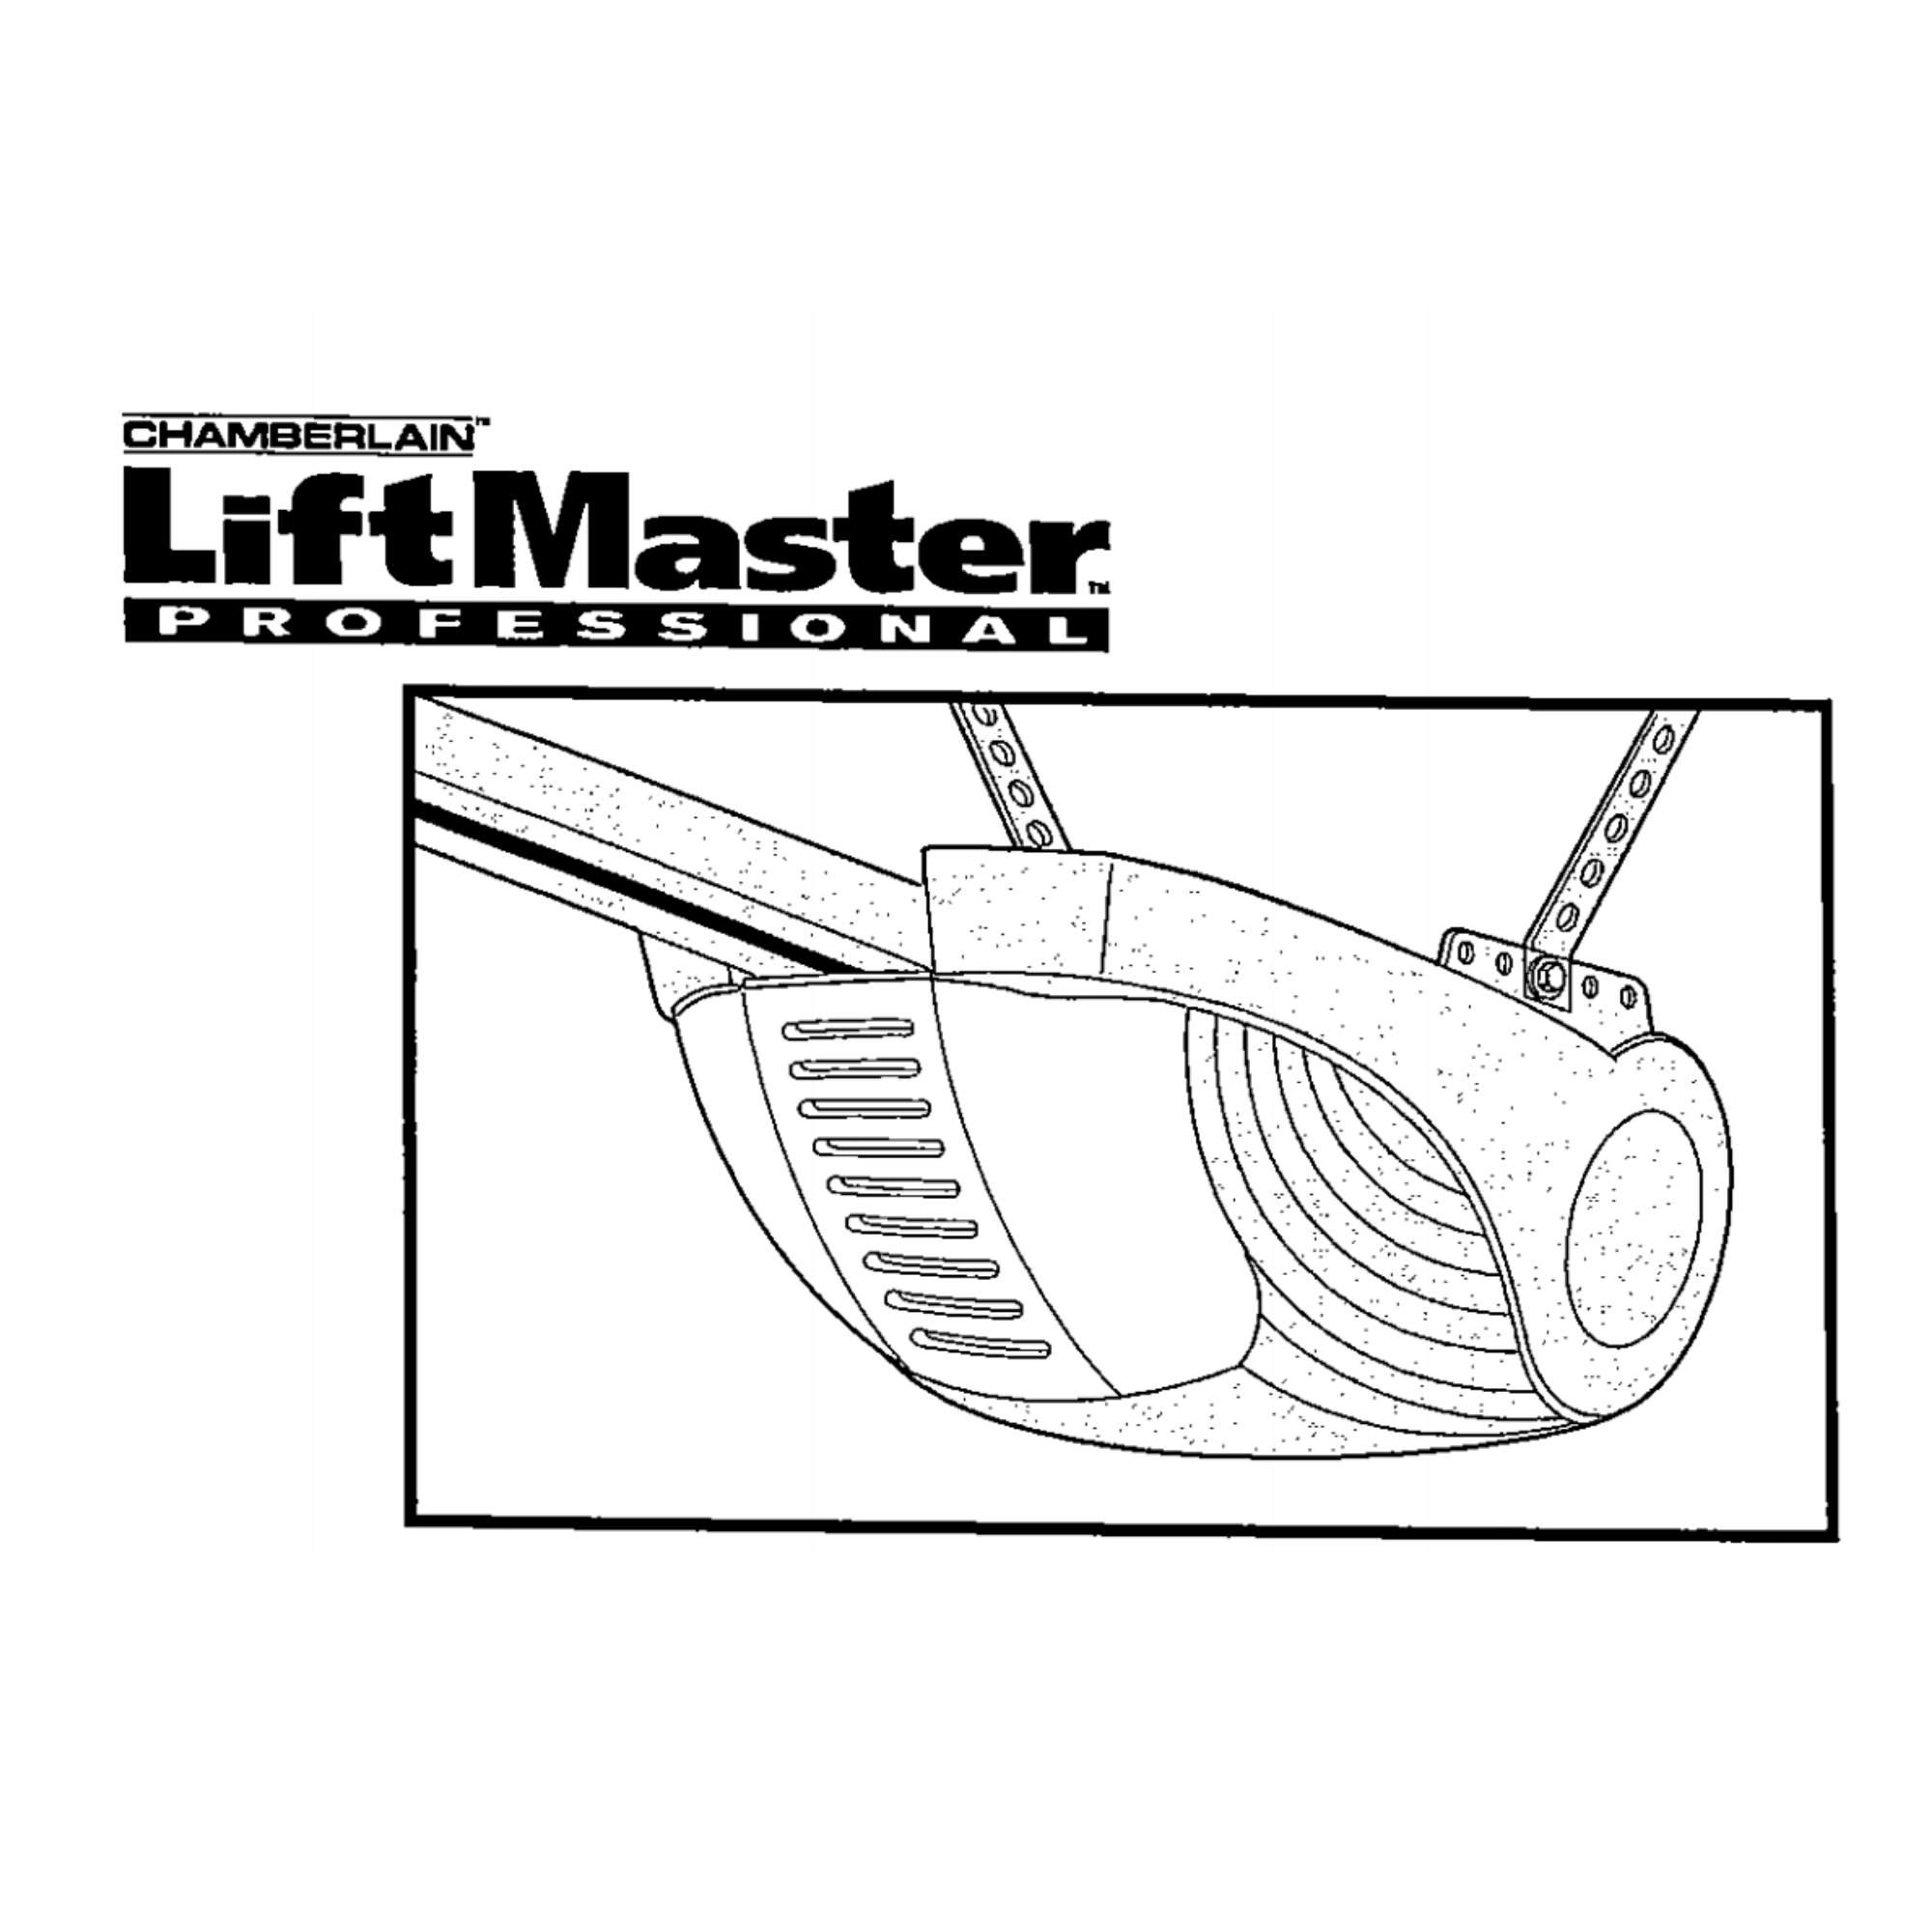 Instruksjoner for portåpner Liftmaster 1000A